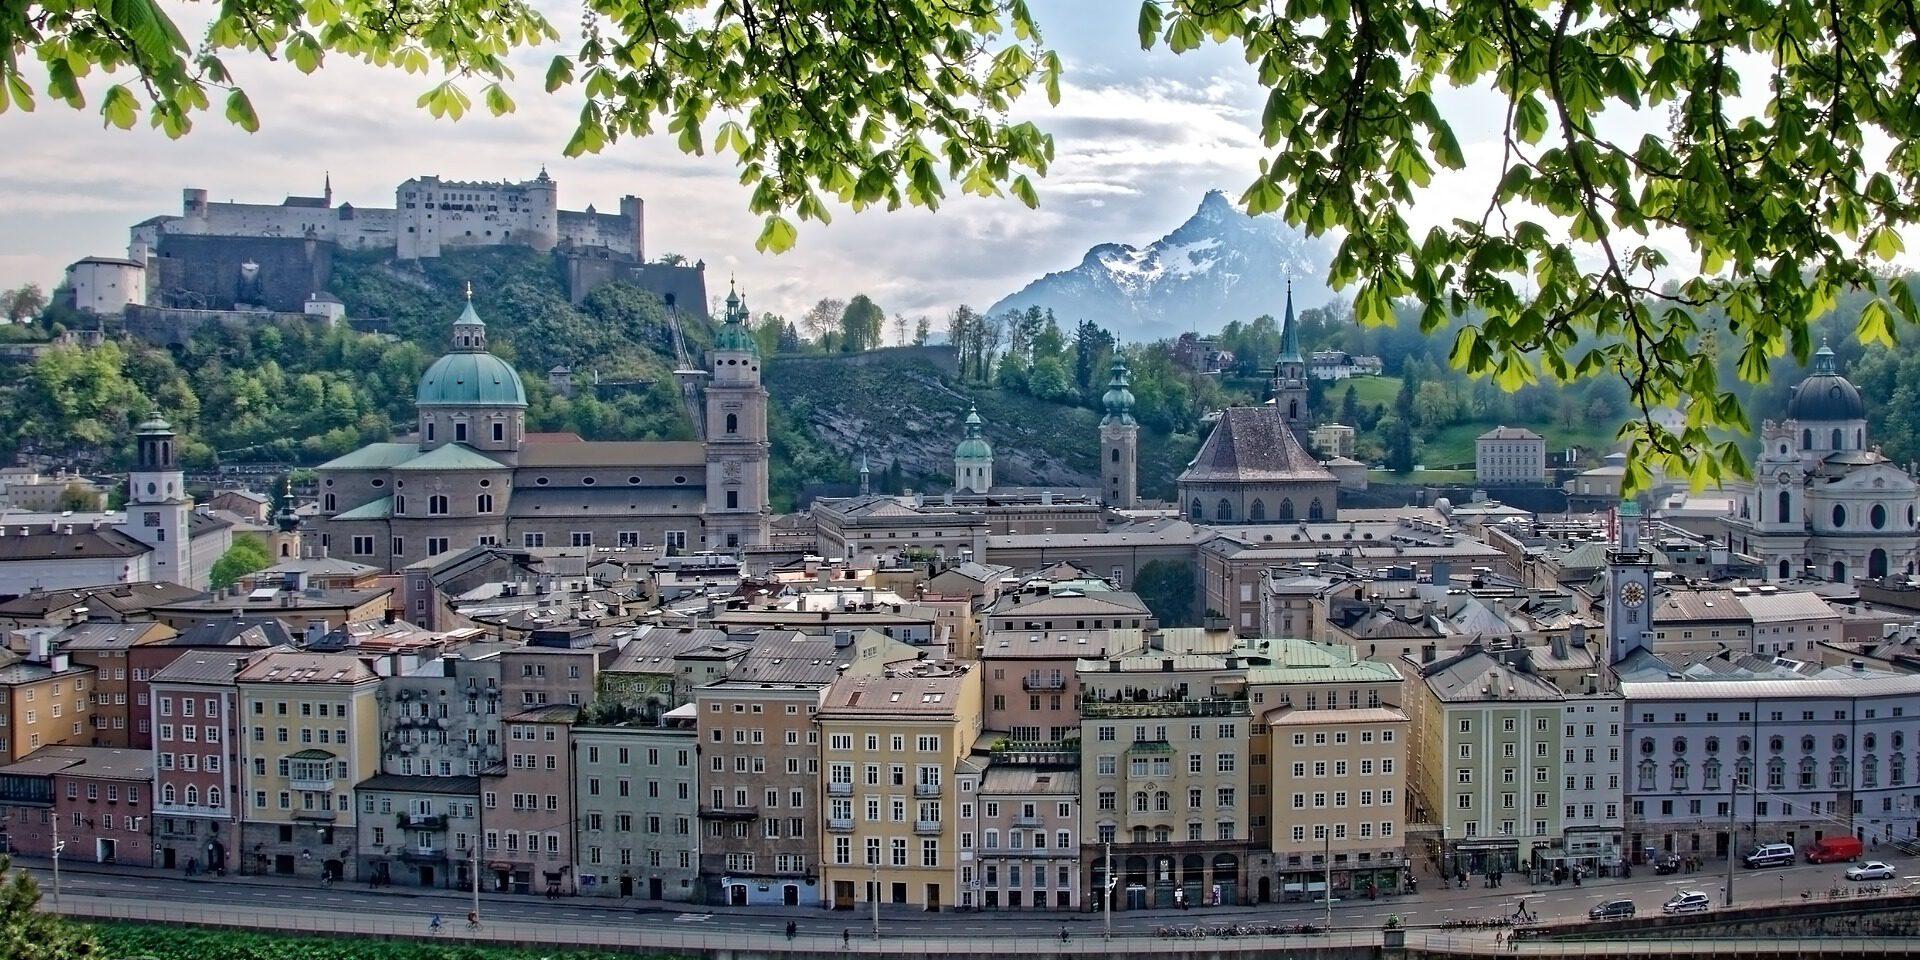 Zicht op oude stad met gekleurde gebouwen en kasteel, bladeren en takken er voor